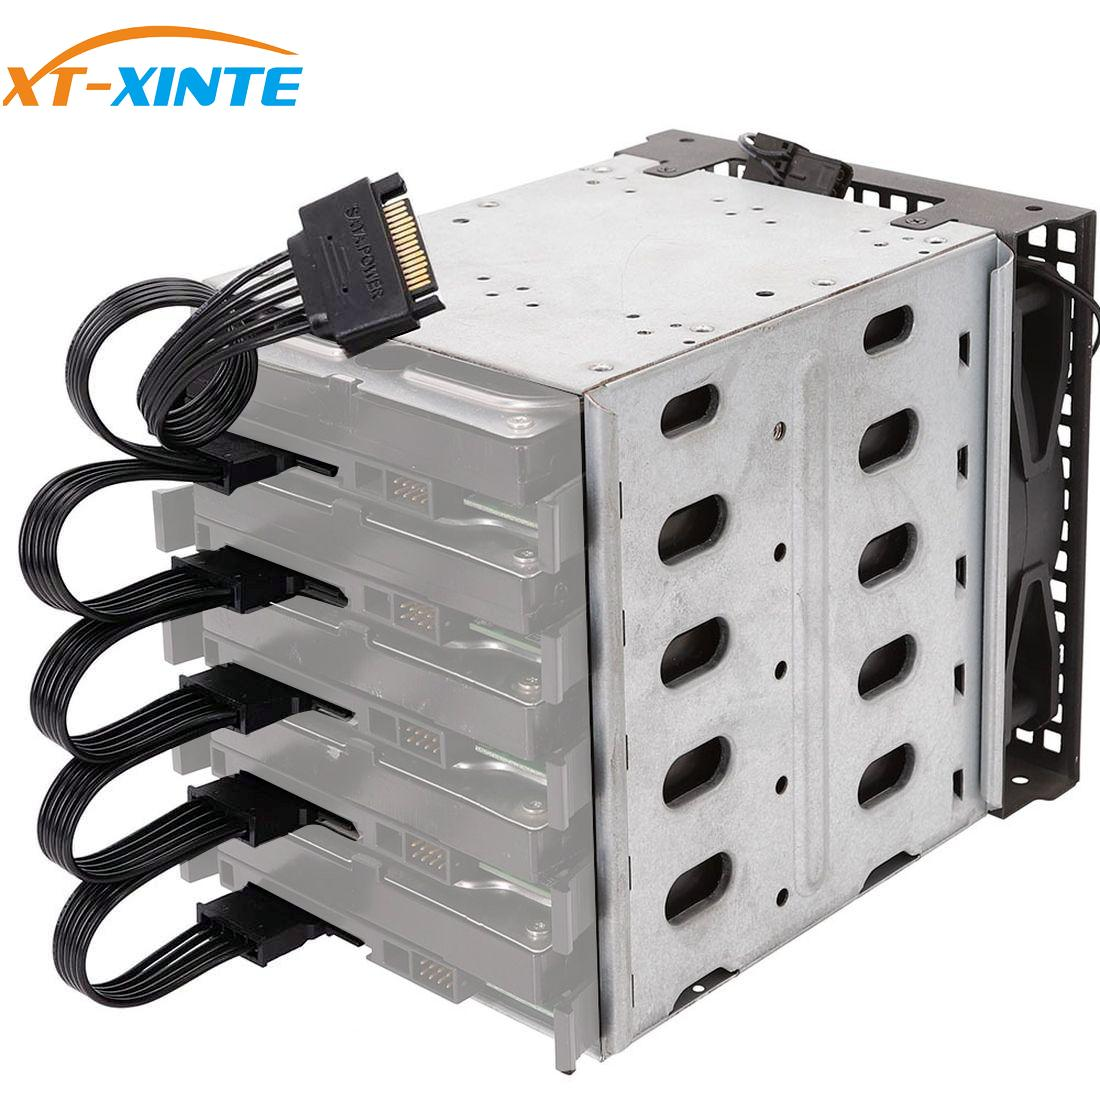 XT-XINTE 5-дисковые клетки для жесткого диска 3,5-дюймовая коробка для жесткого диска Расширение памяти компьютера лоток для жесткого диска Caddy w ...